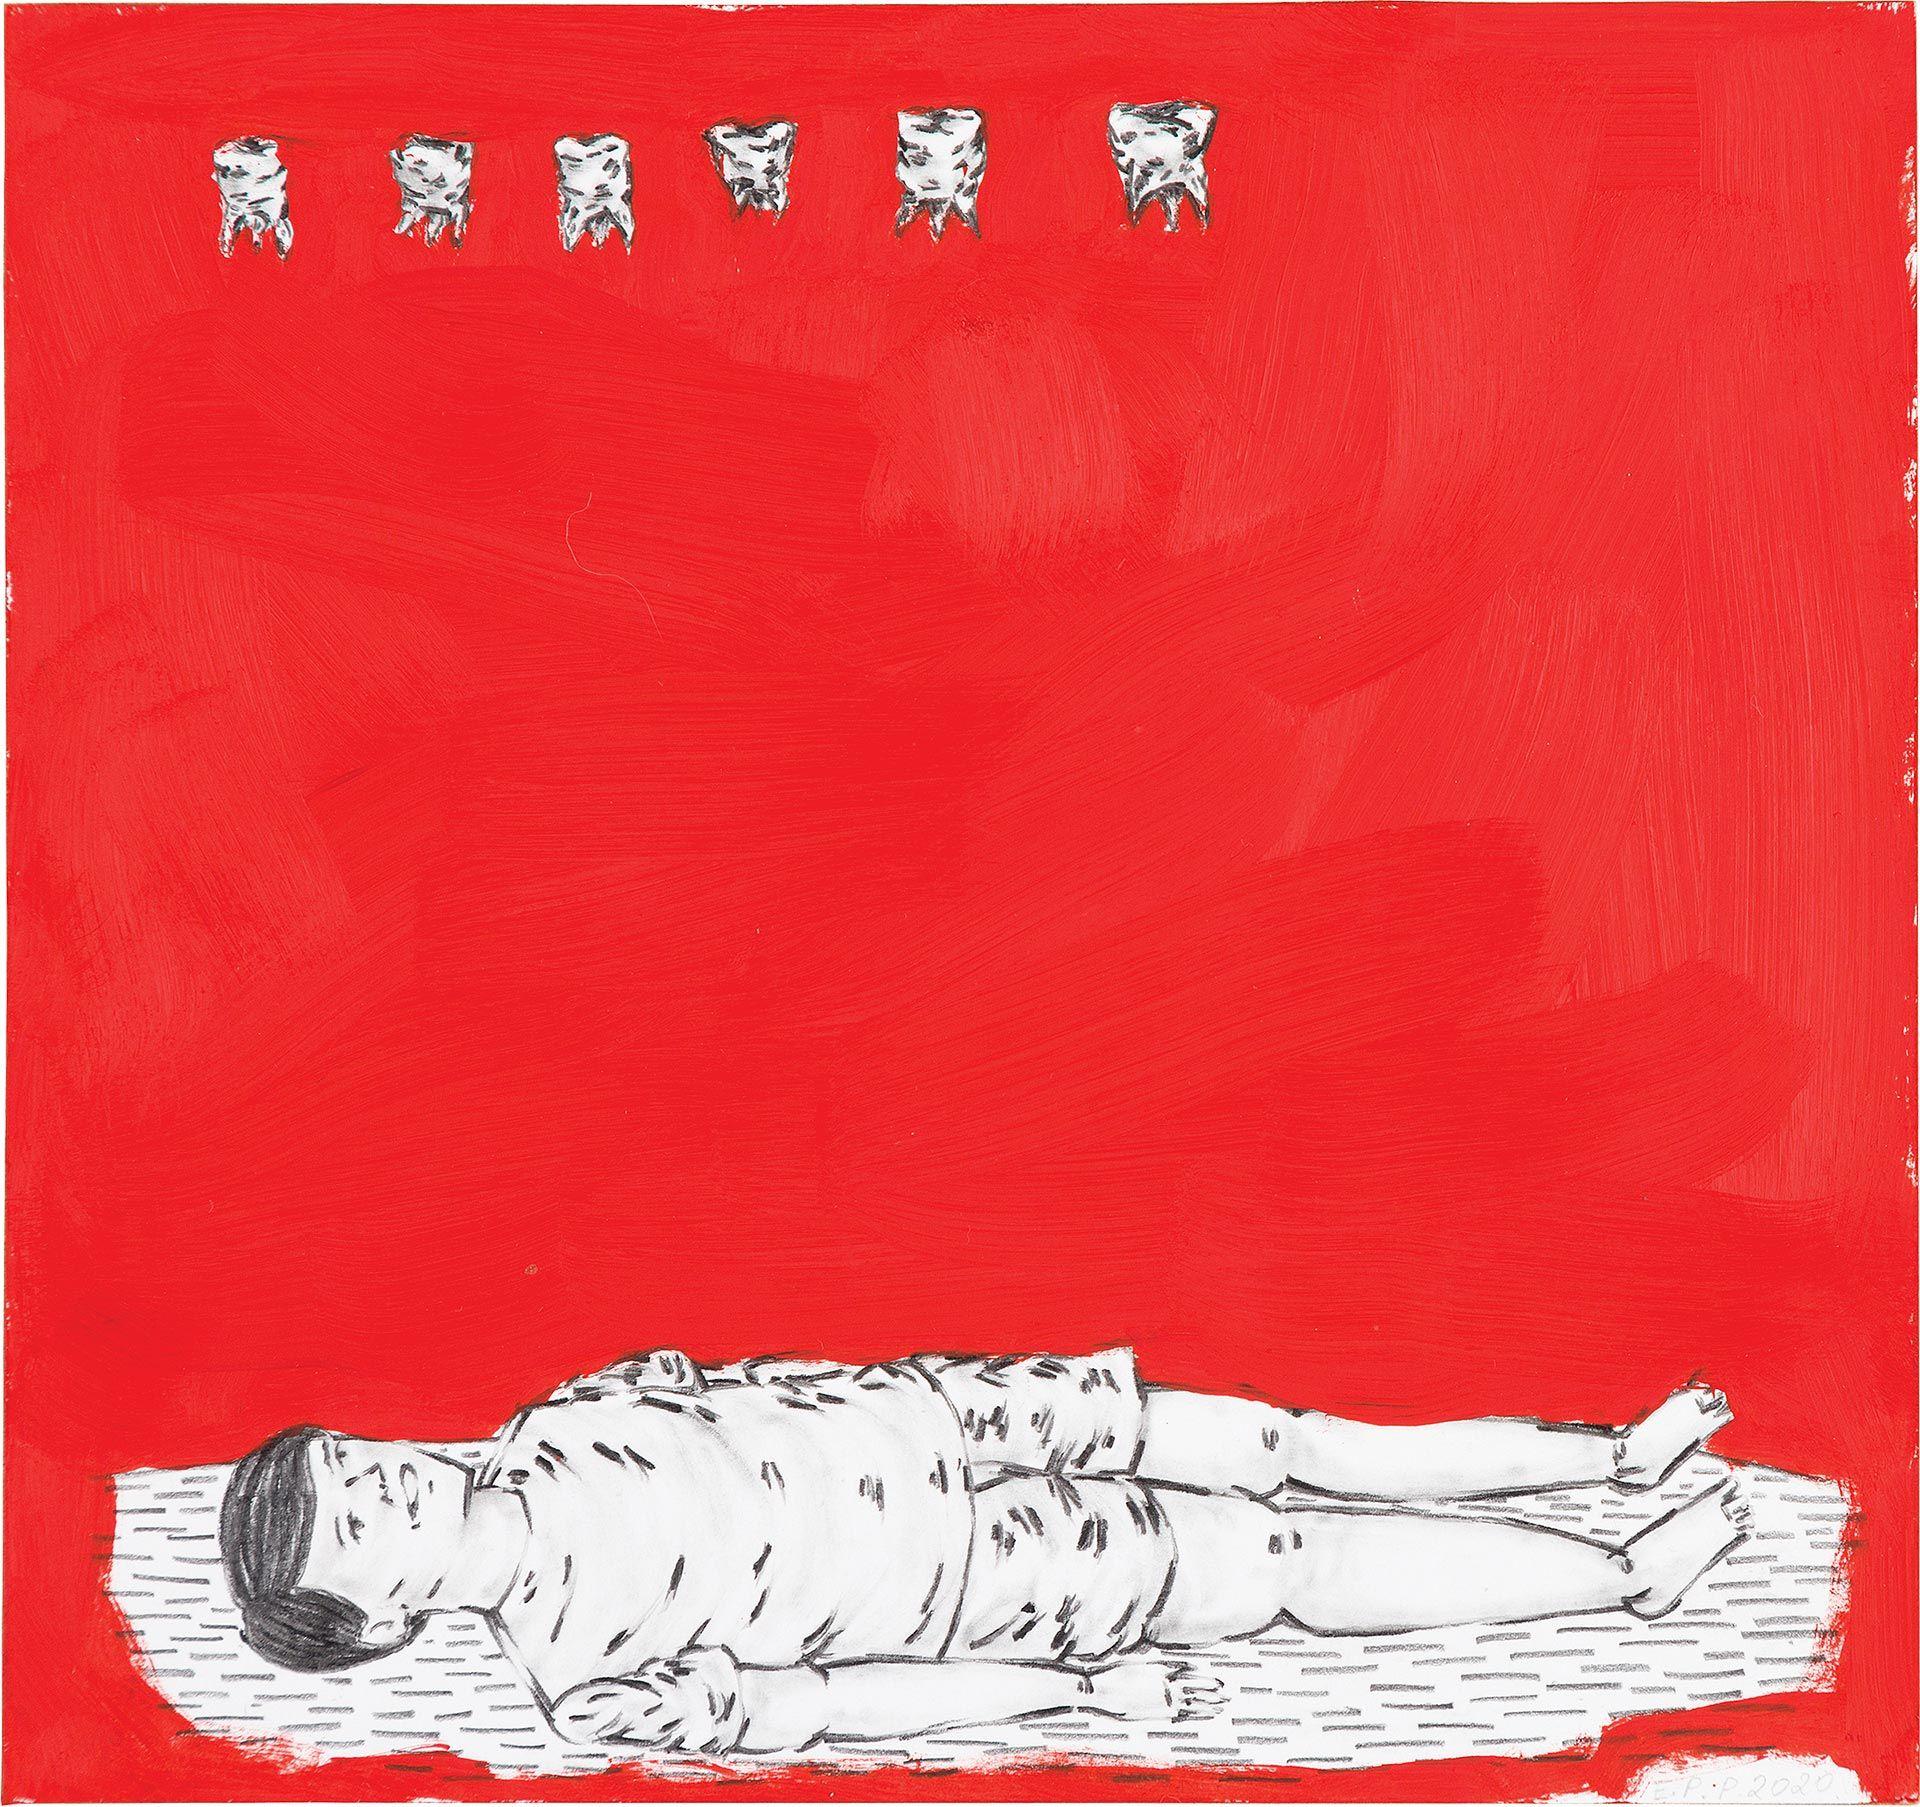 Quadro de área vermelha, na parte inferior da imagem em um fundo branco uma figura humana  deitada com o corpo estático e com um sorriso no rosto, a imagem  é desenhada com grafite, assim como na parte superior do quadro vemos uma fila com seis dentes brancos desenhados em oposição à figura humana em baixo.